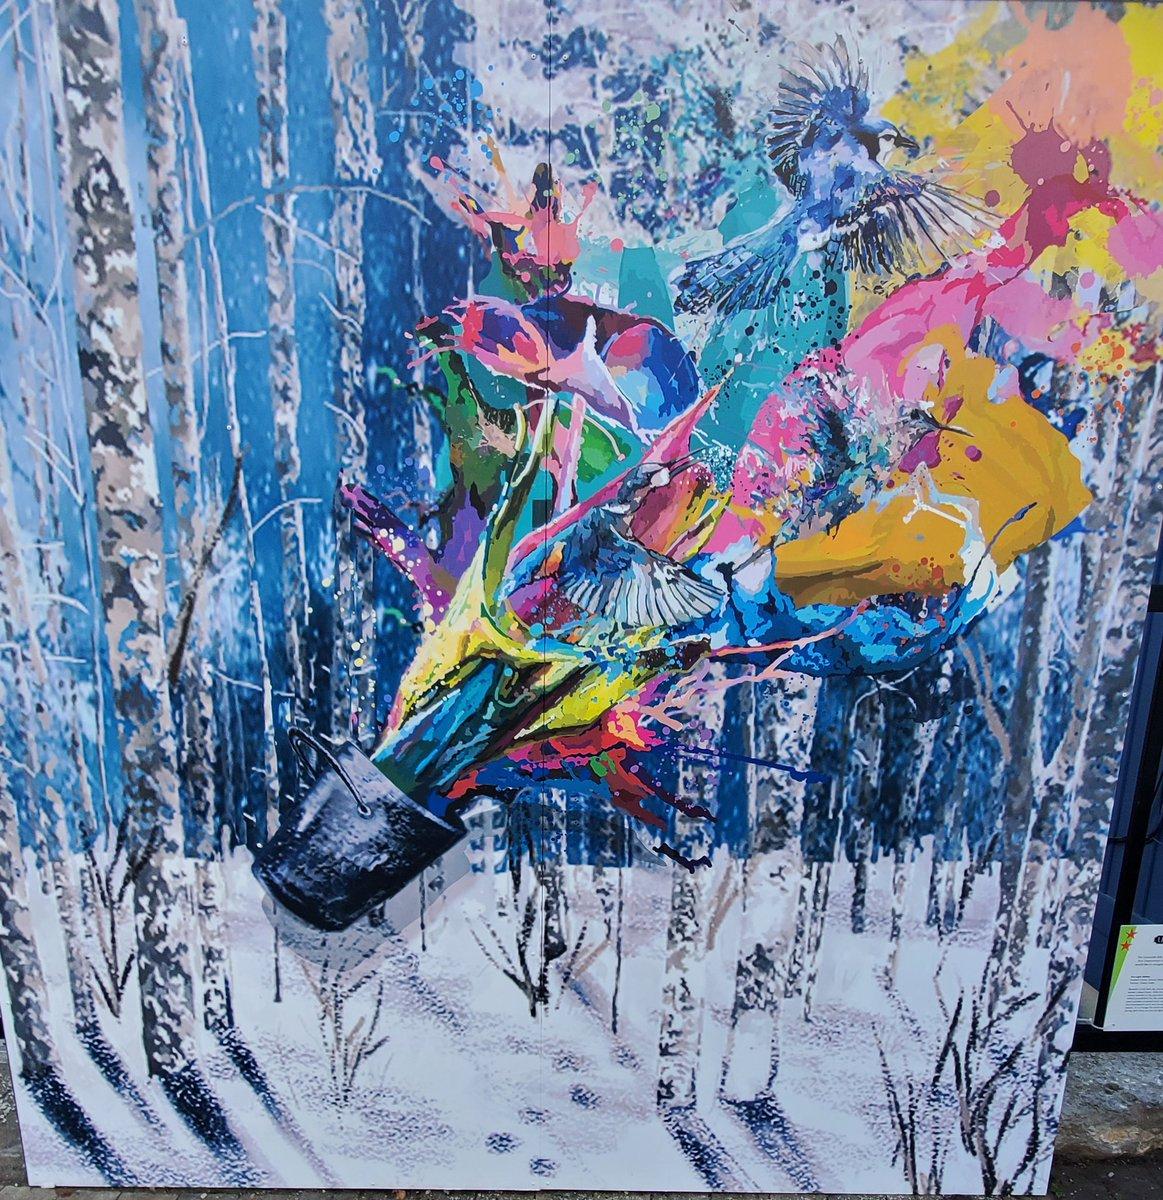 Bring some color to you life @UnionvilleInfo #Unionville #markham  #sundayvibes #Sunday  #ThinkBIGSundayWithMarsha